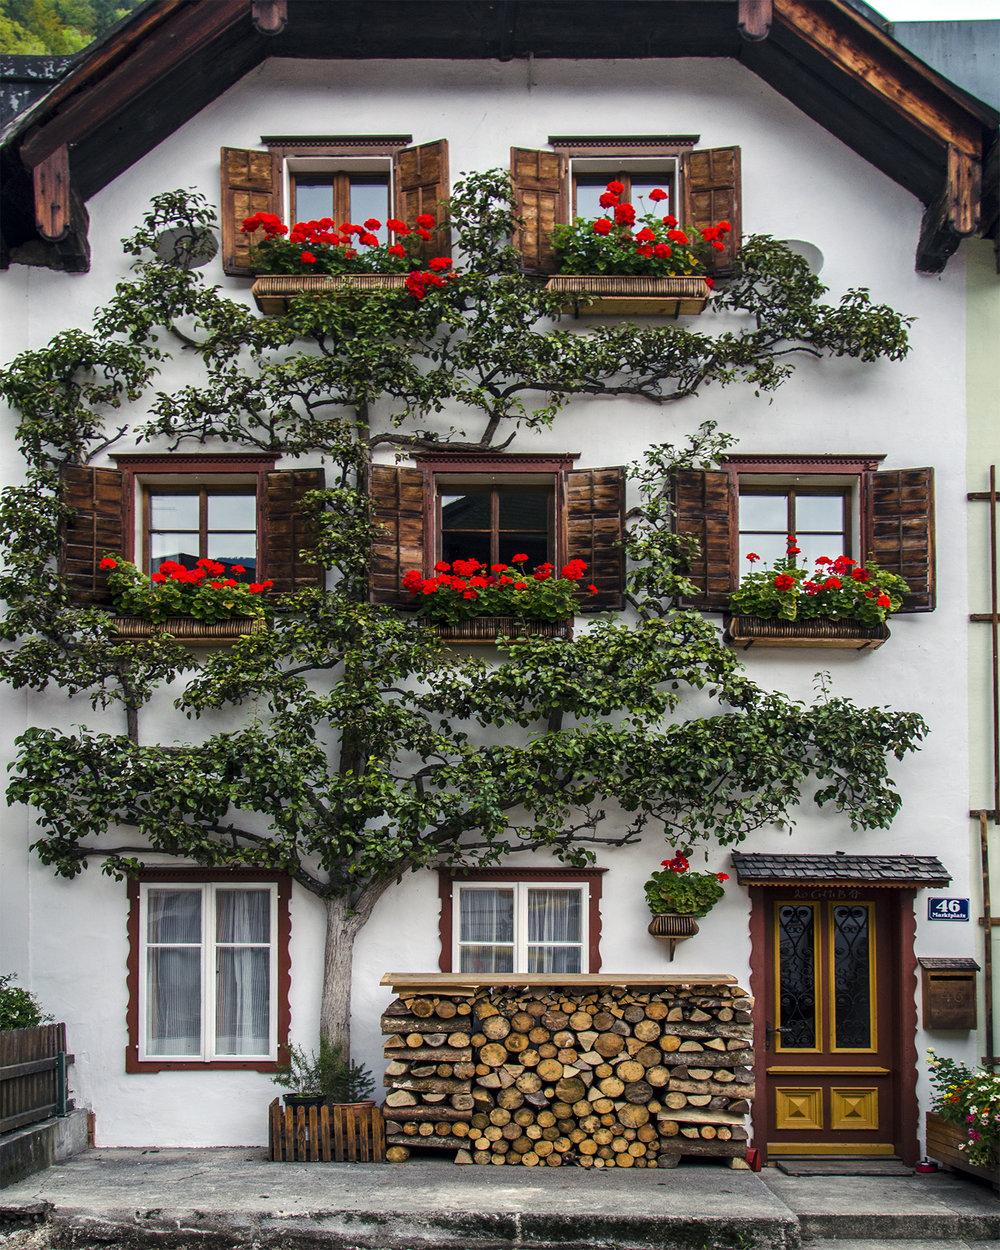 rampicante ad Hallstatt-Alta Austria-8191.jpg